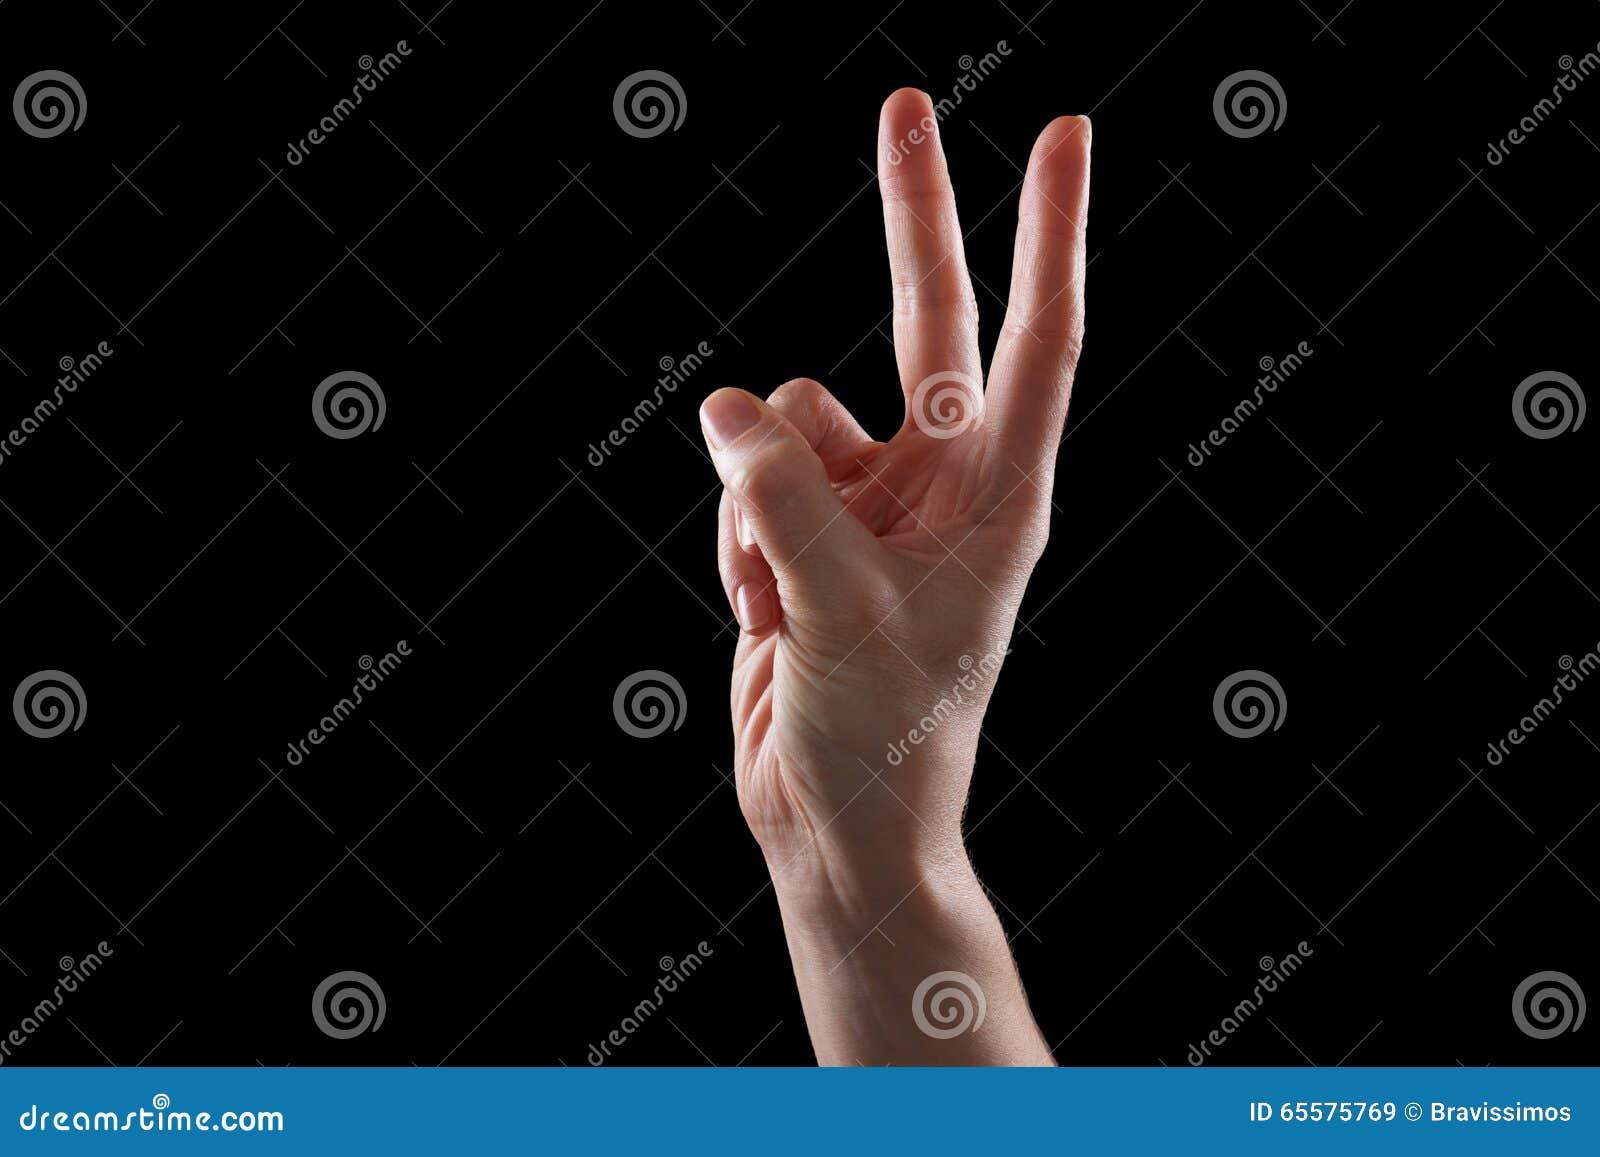 Gesticule, a mão da jovem mulher indica os dispositivos do sentido ou do toque